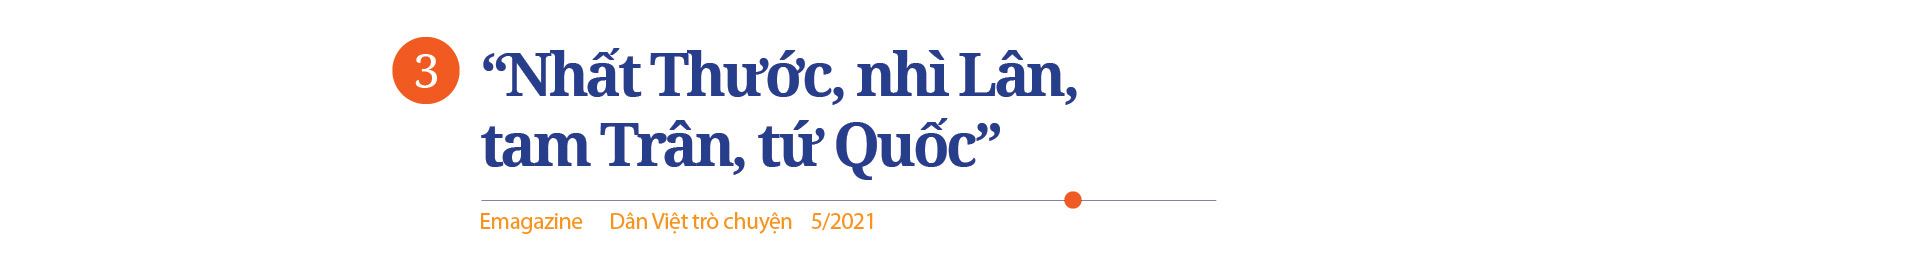 Ông Dương Trung Quốc chia sẻ những chuyện ít người biết sau 20 năm gắn bó nghị trường - Ảnh 5.